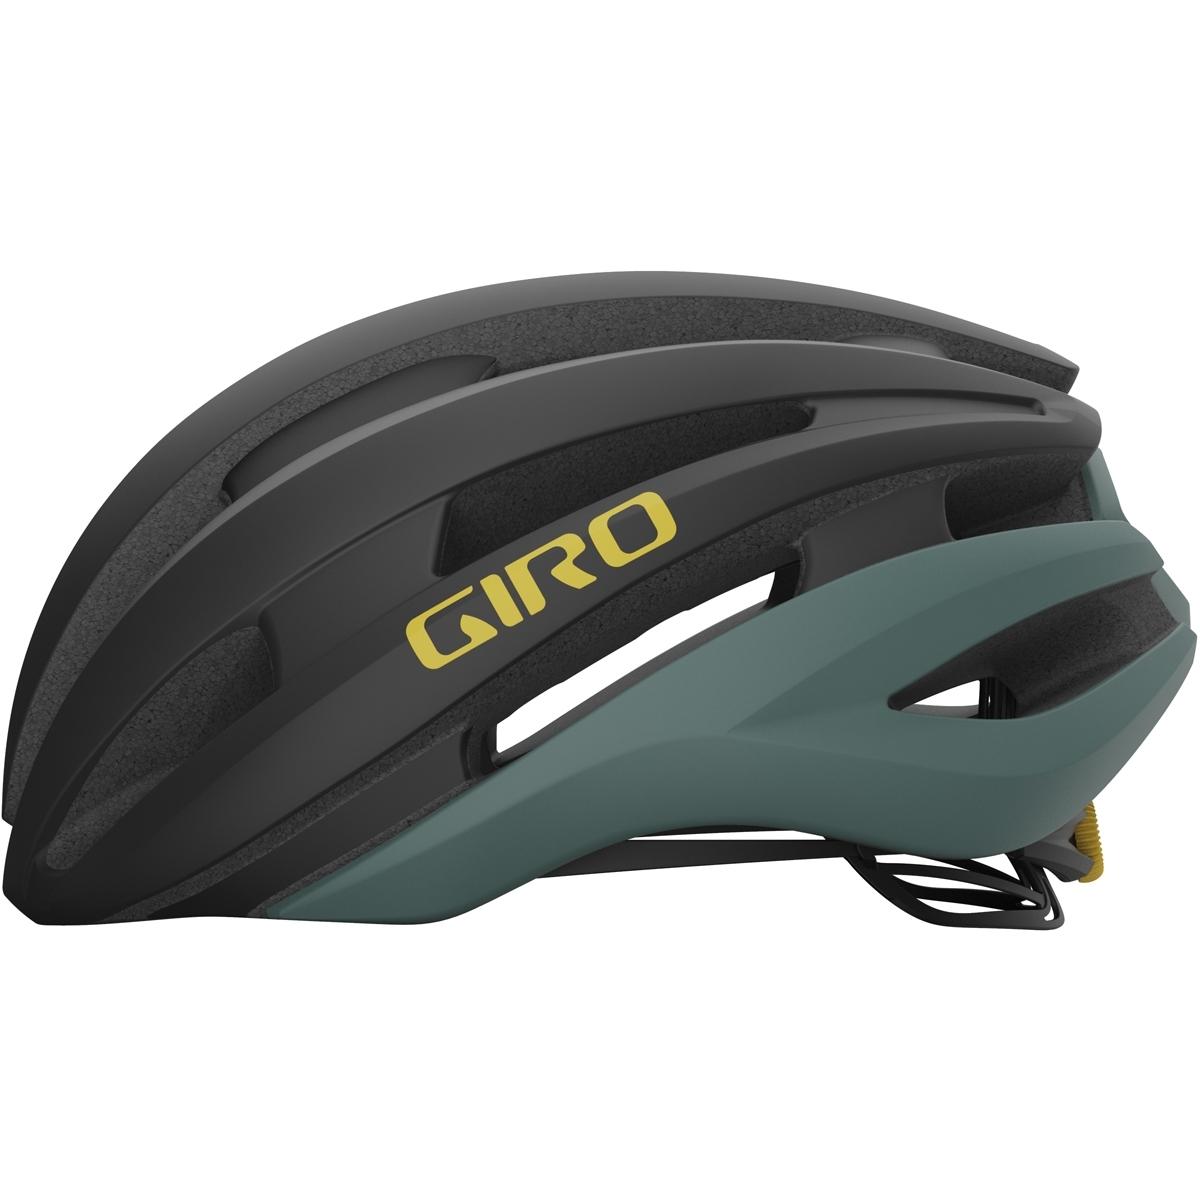 Bild von Giro Synthe MIPS II Helm - matte warm black